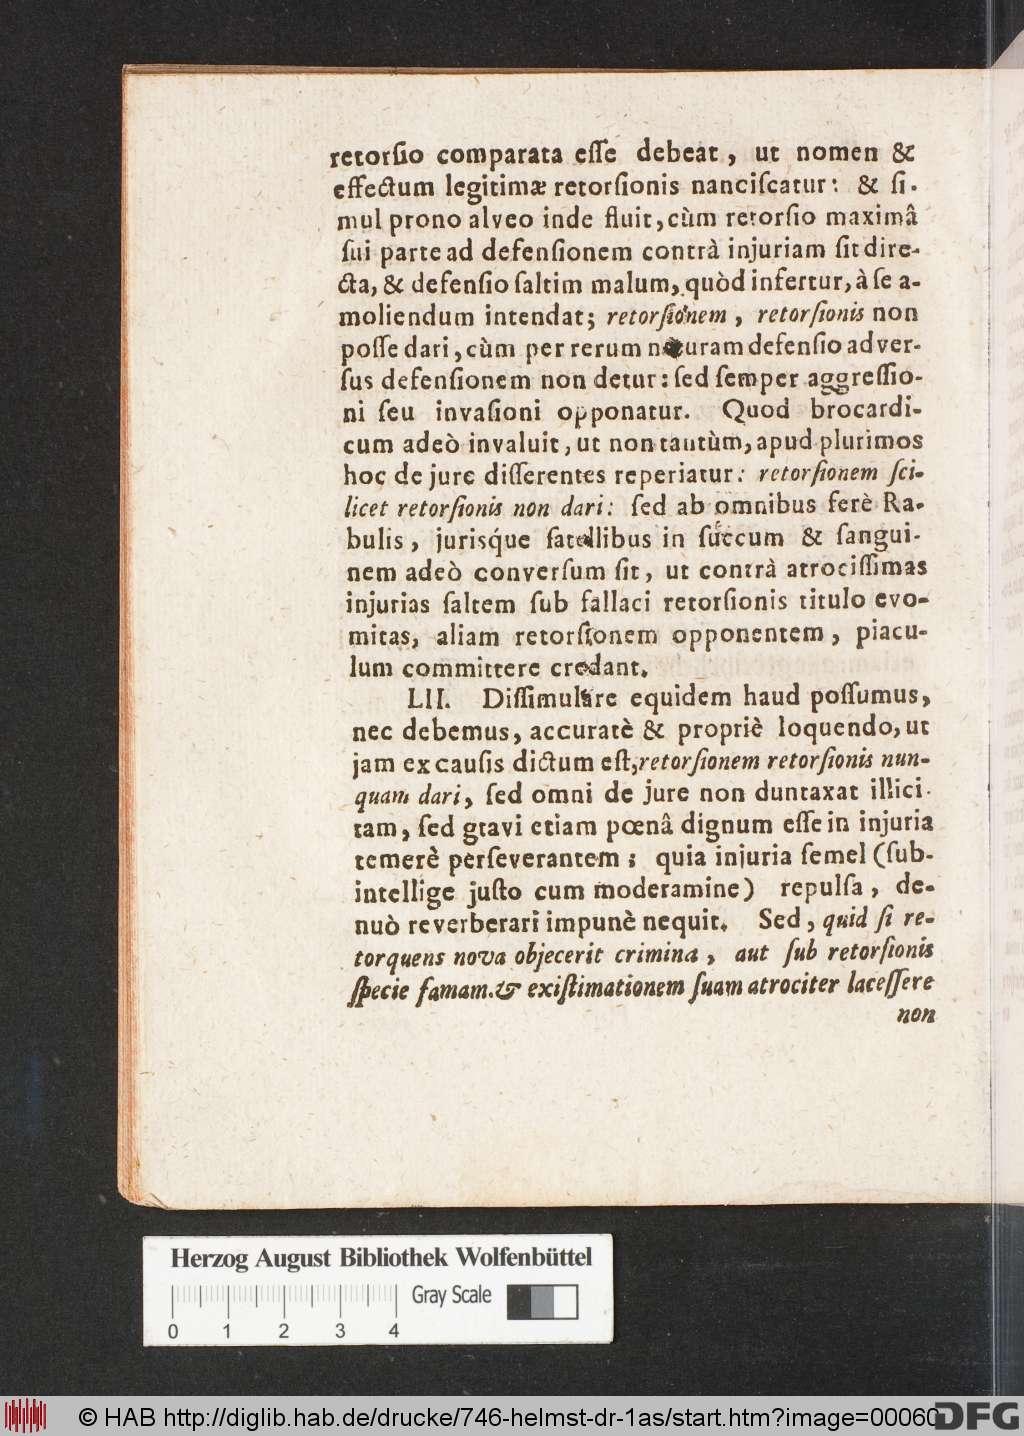 http://diglib.hab.de/drucke/746-helmst-dr-1as/00060.jpg